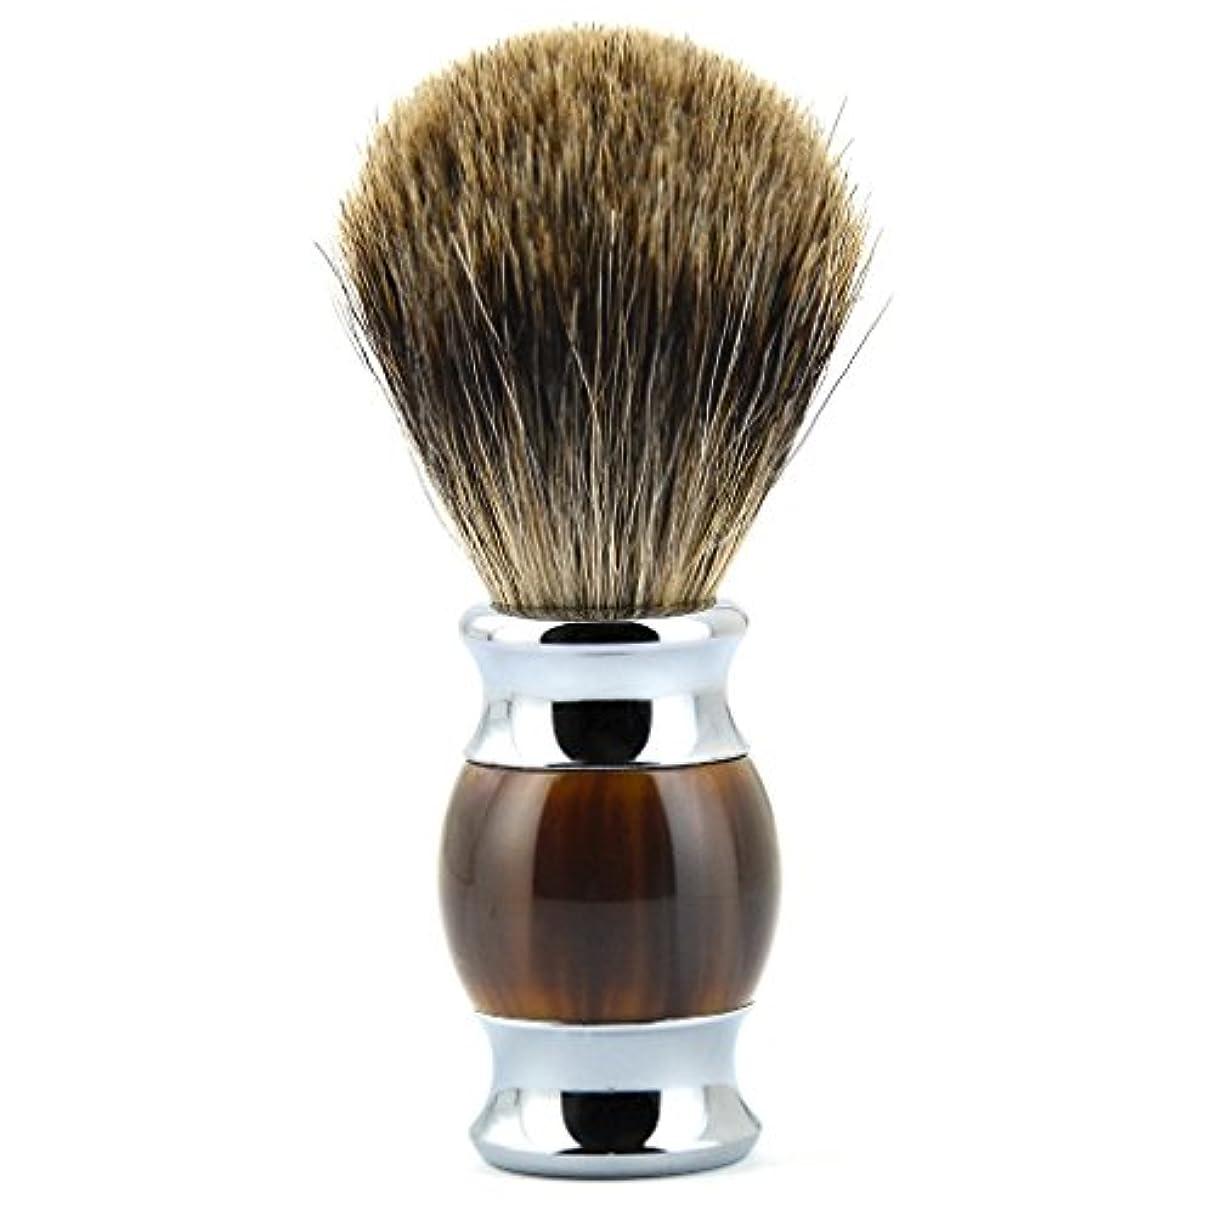 再集計不明瞭メロディアスTopFires ひげブラシ シェービング ブラシ シェービング用ブラシ メンズ 100% アナグマ毛 理容 洗顔 髭剃り 泡立ち